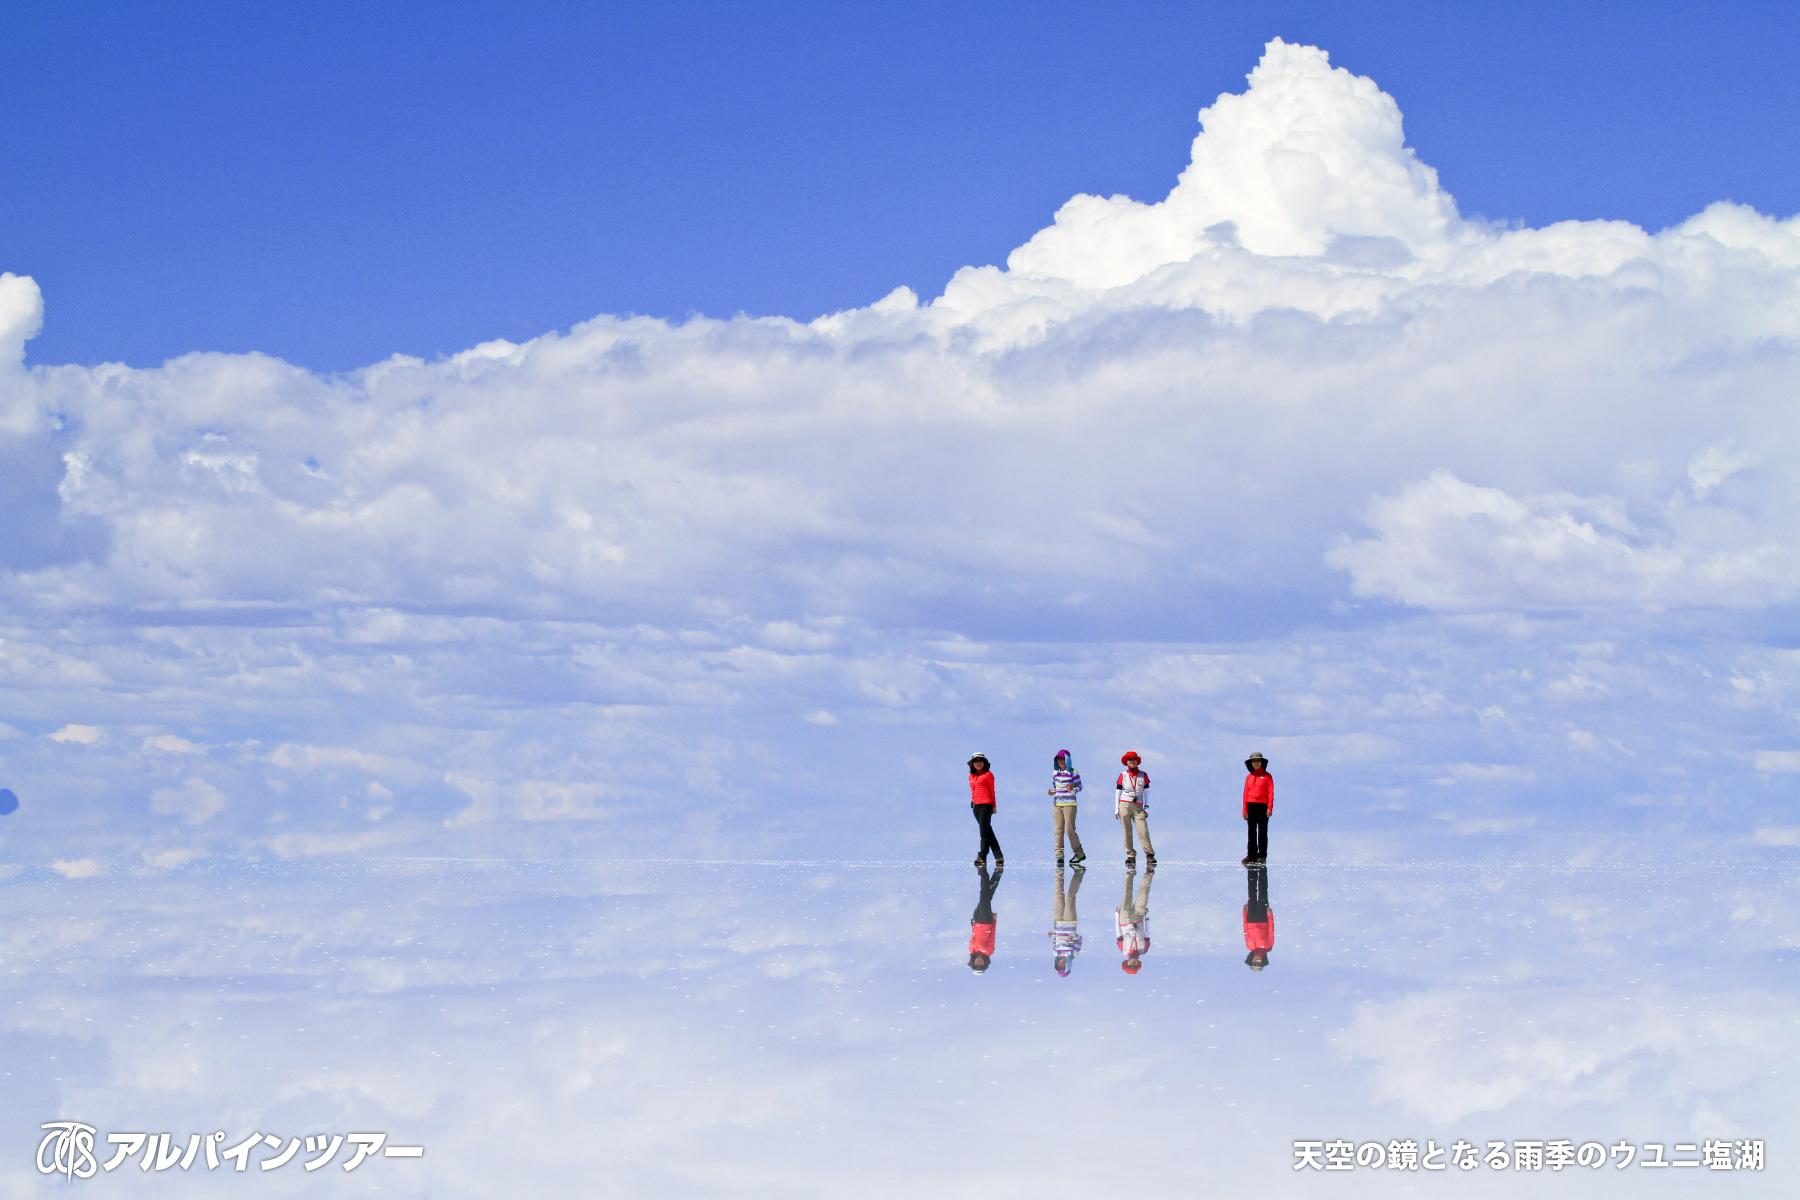 【エリア紹介】 天空の鏡・ウユニ塩湖(ボリビア)